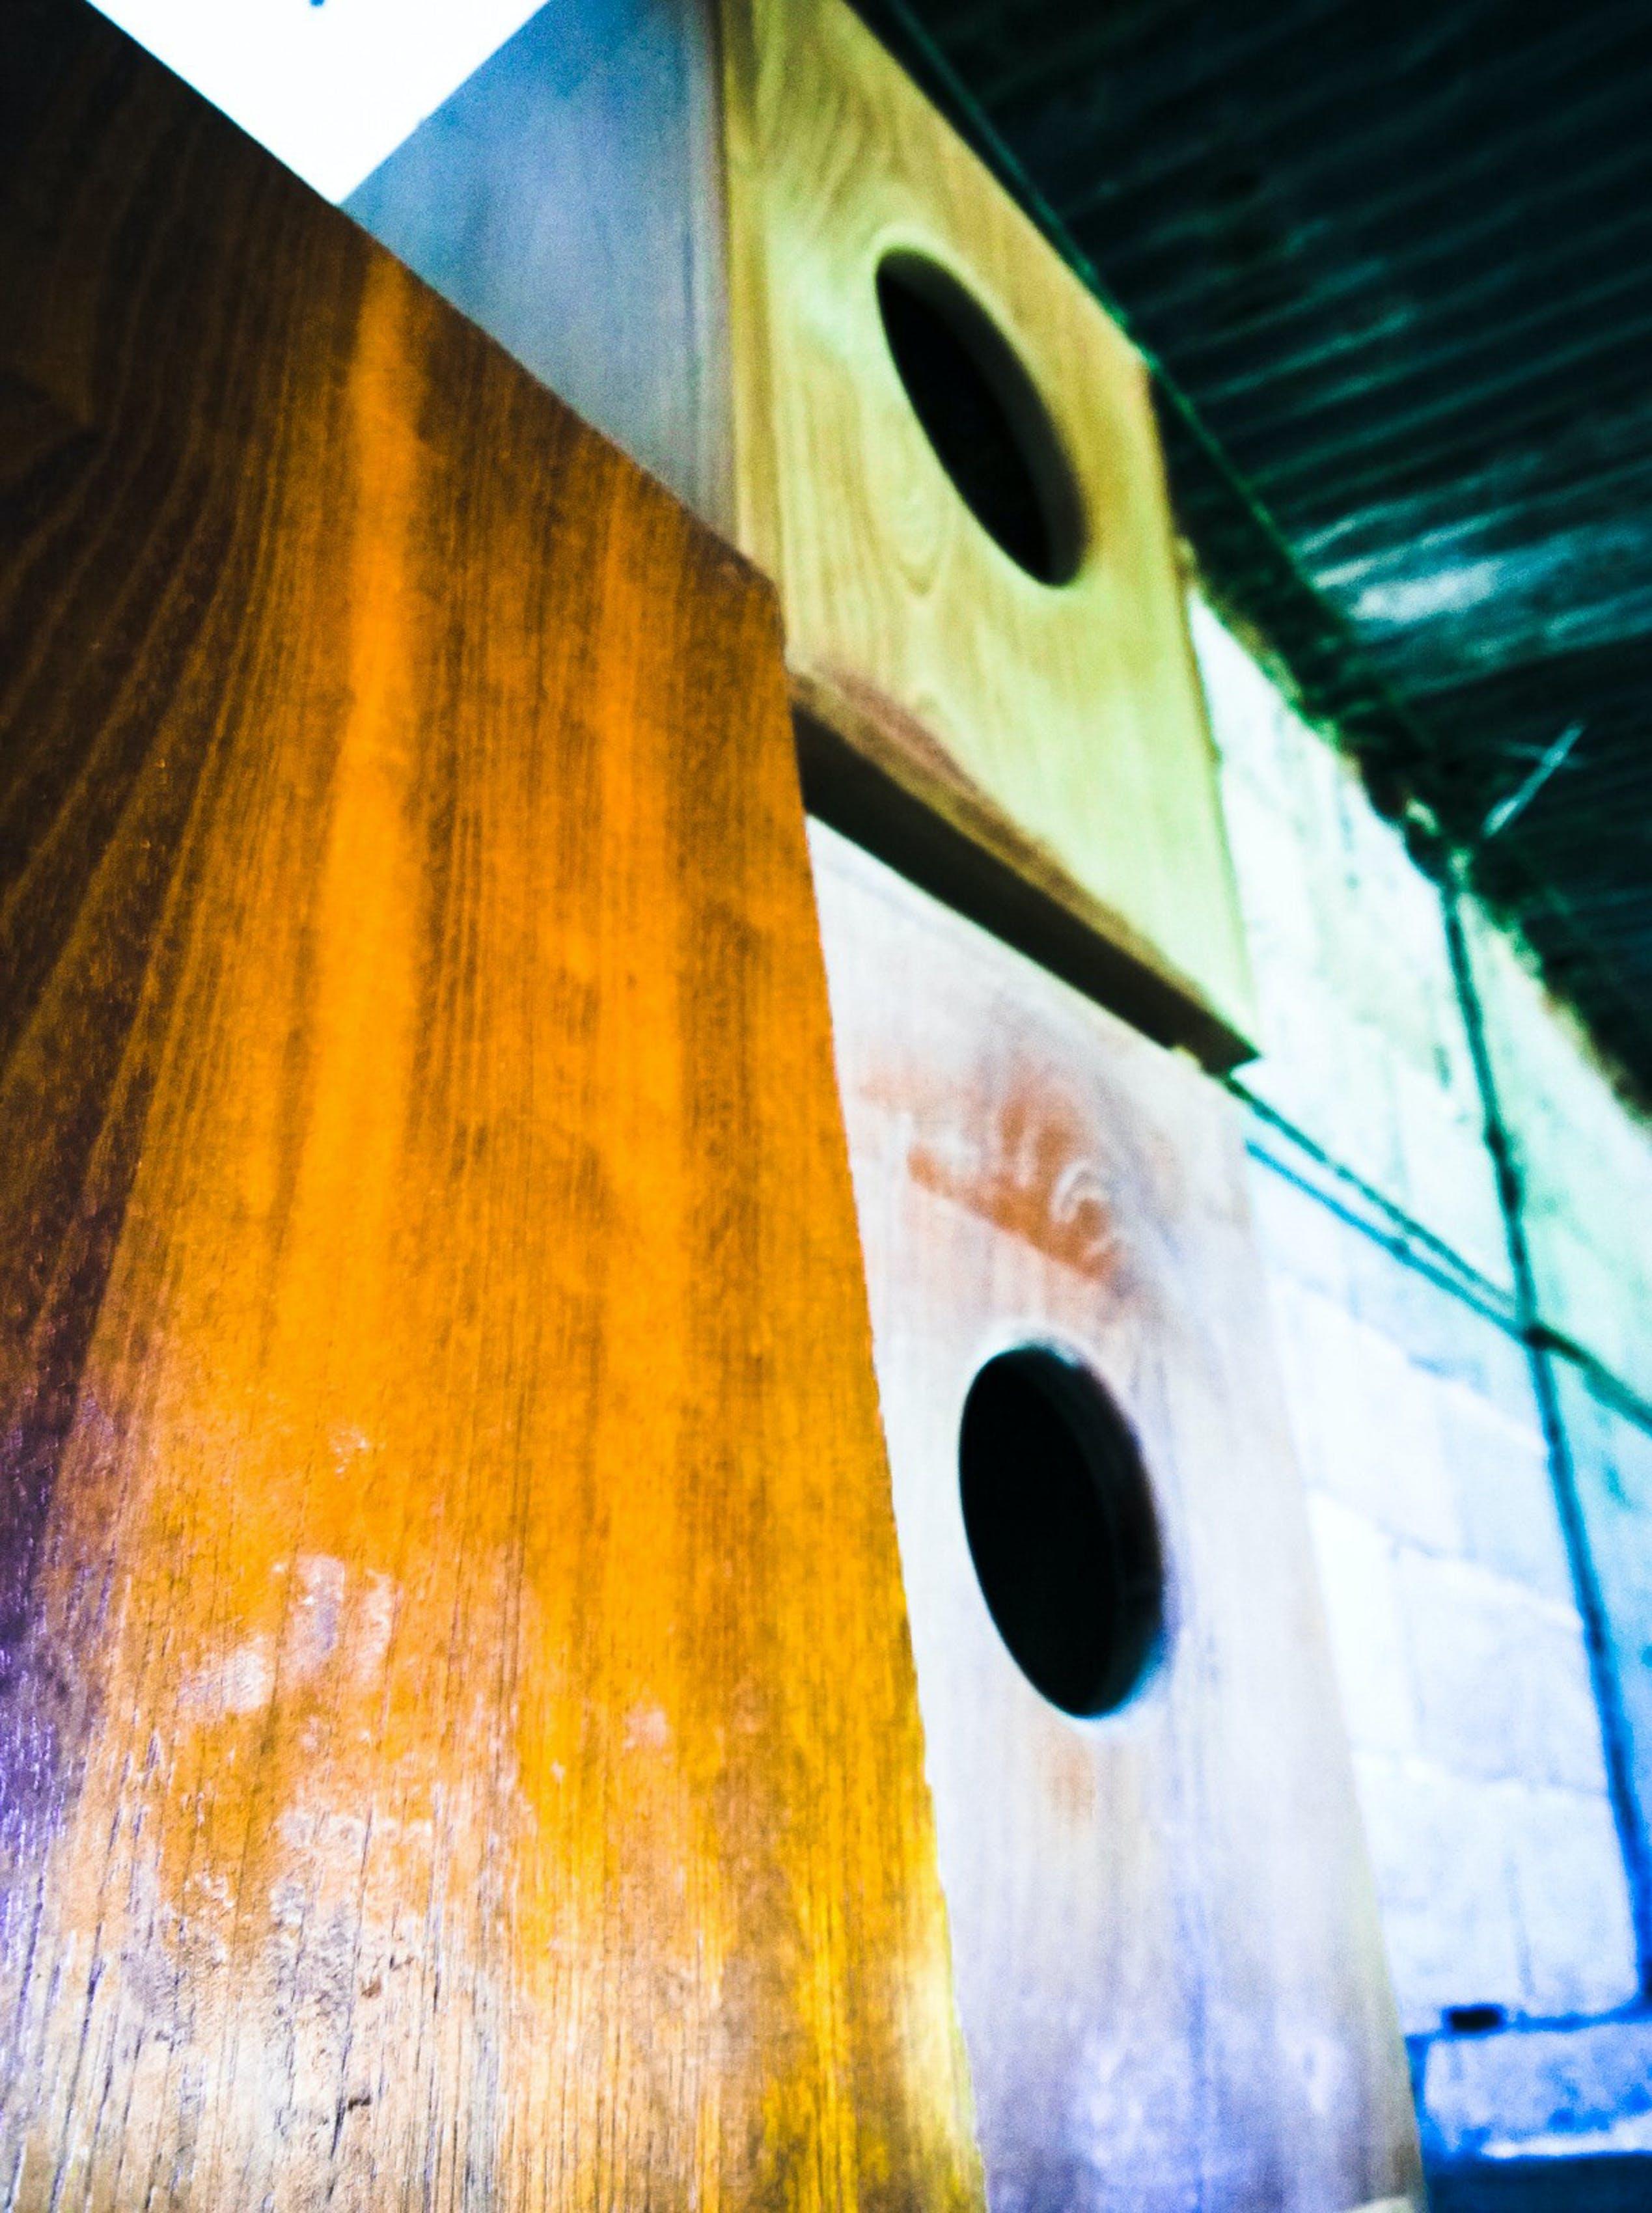 Δωρεάν στοκ φωτογραφιών με peruan ράφι, Αμερική, ήχος, κούνια